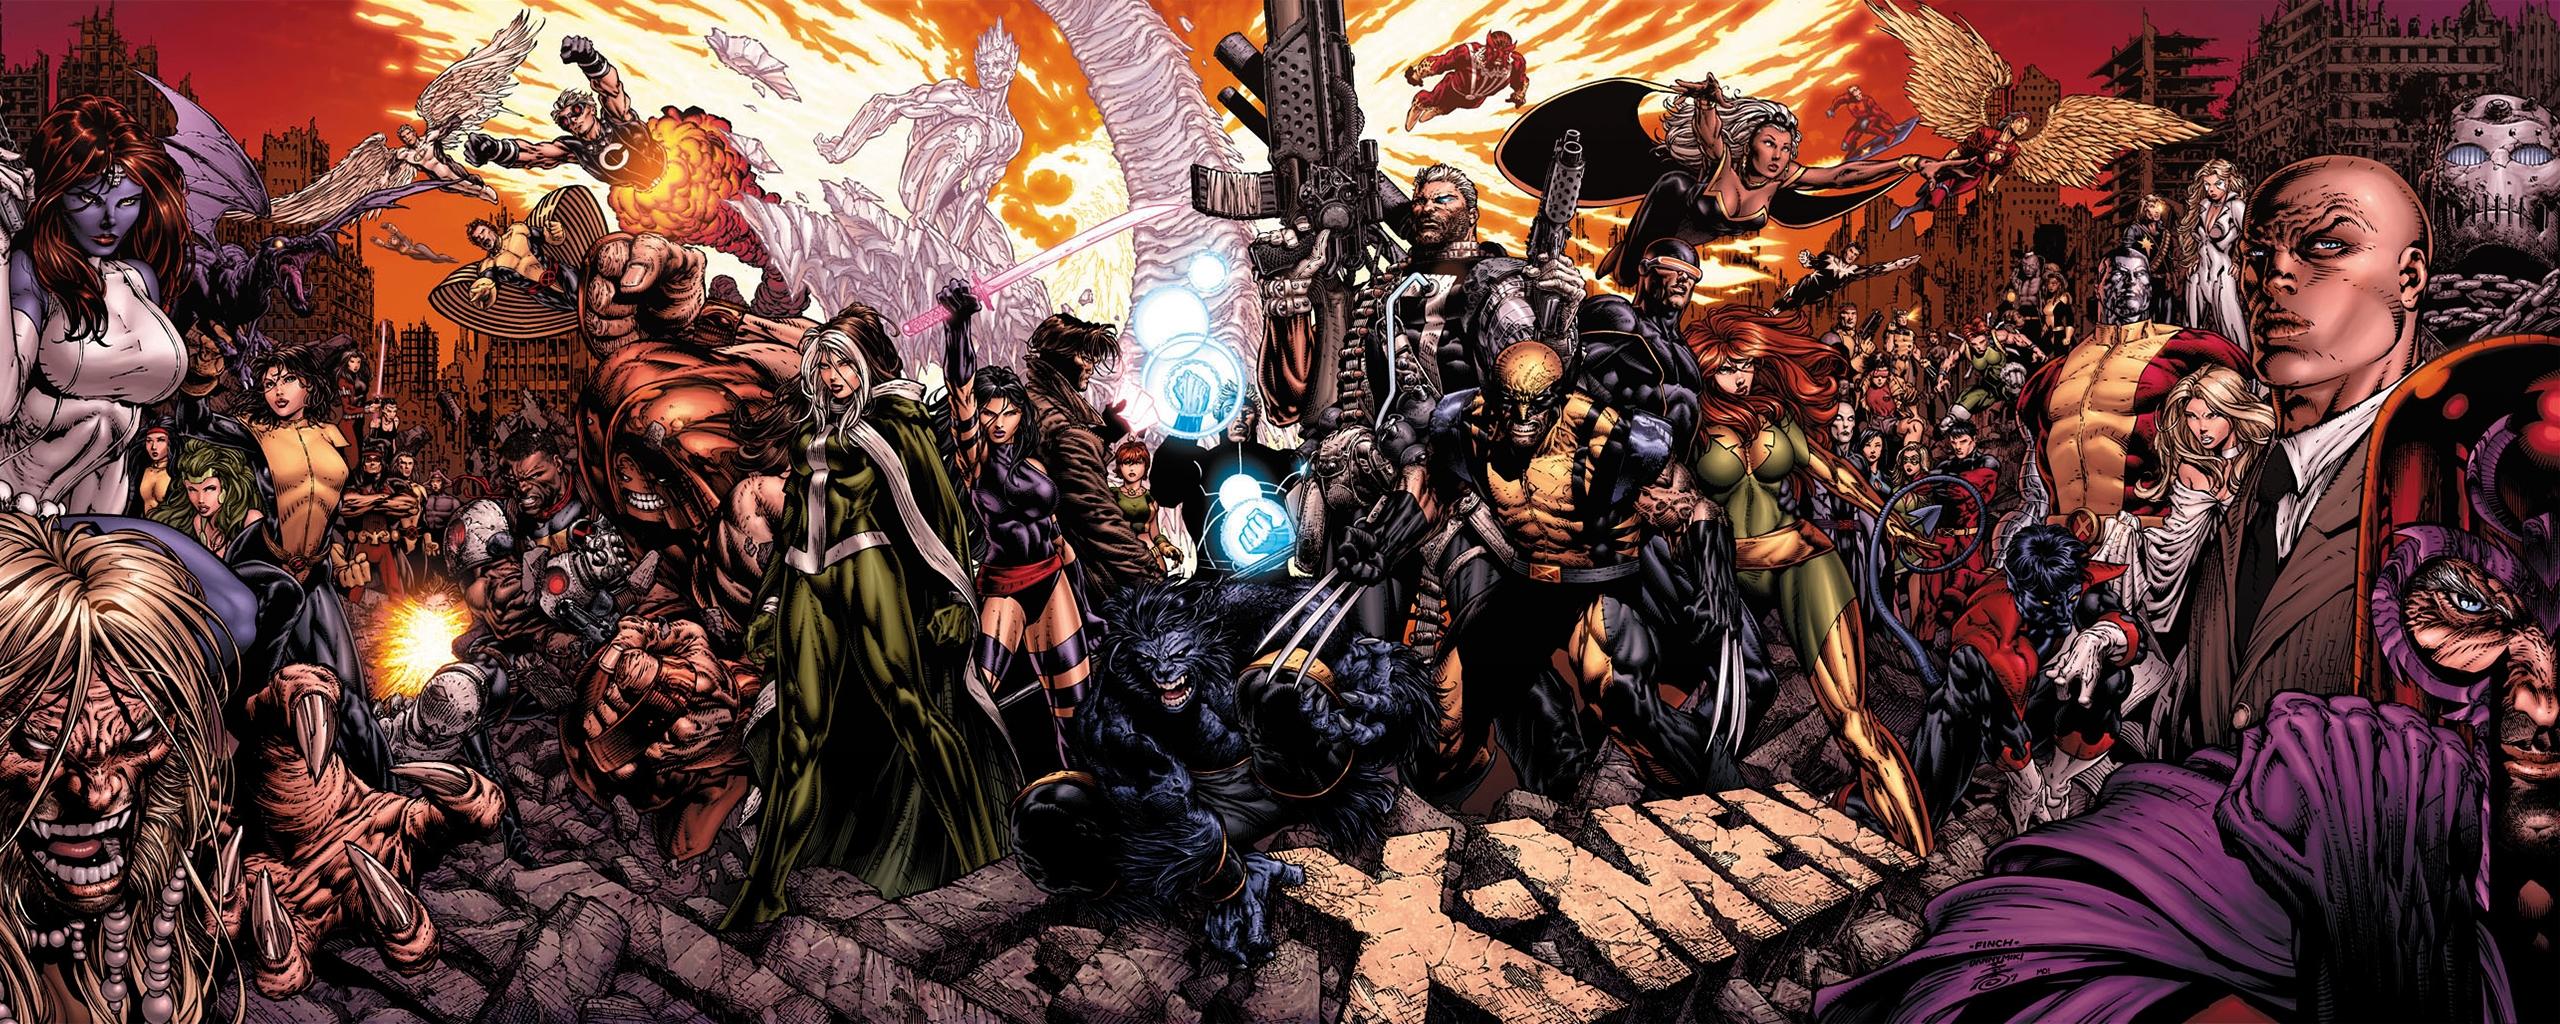 Download Comics X Men Wallpaper 2560x1024 Wallpoper 367748 2560x1024